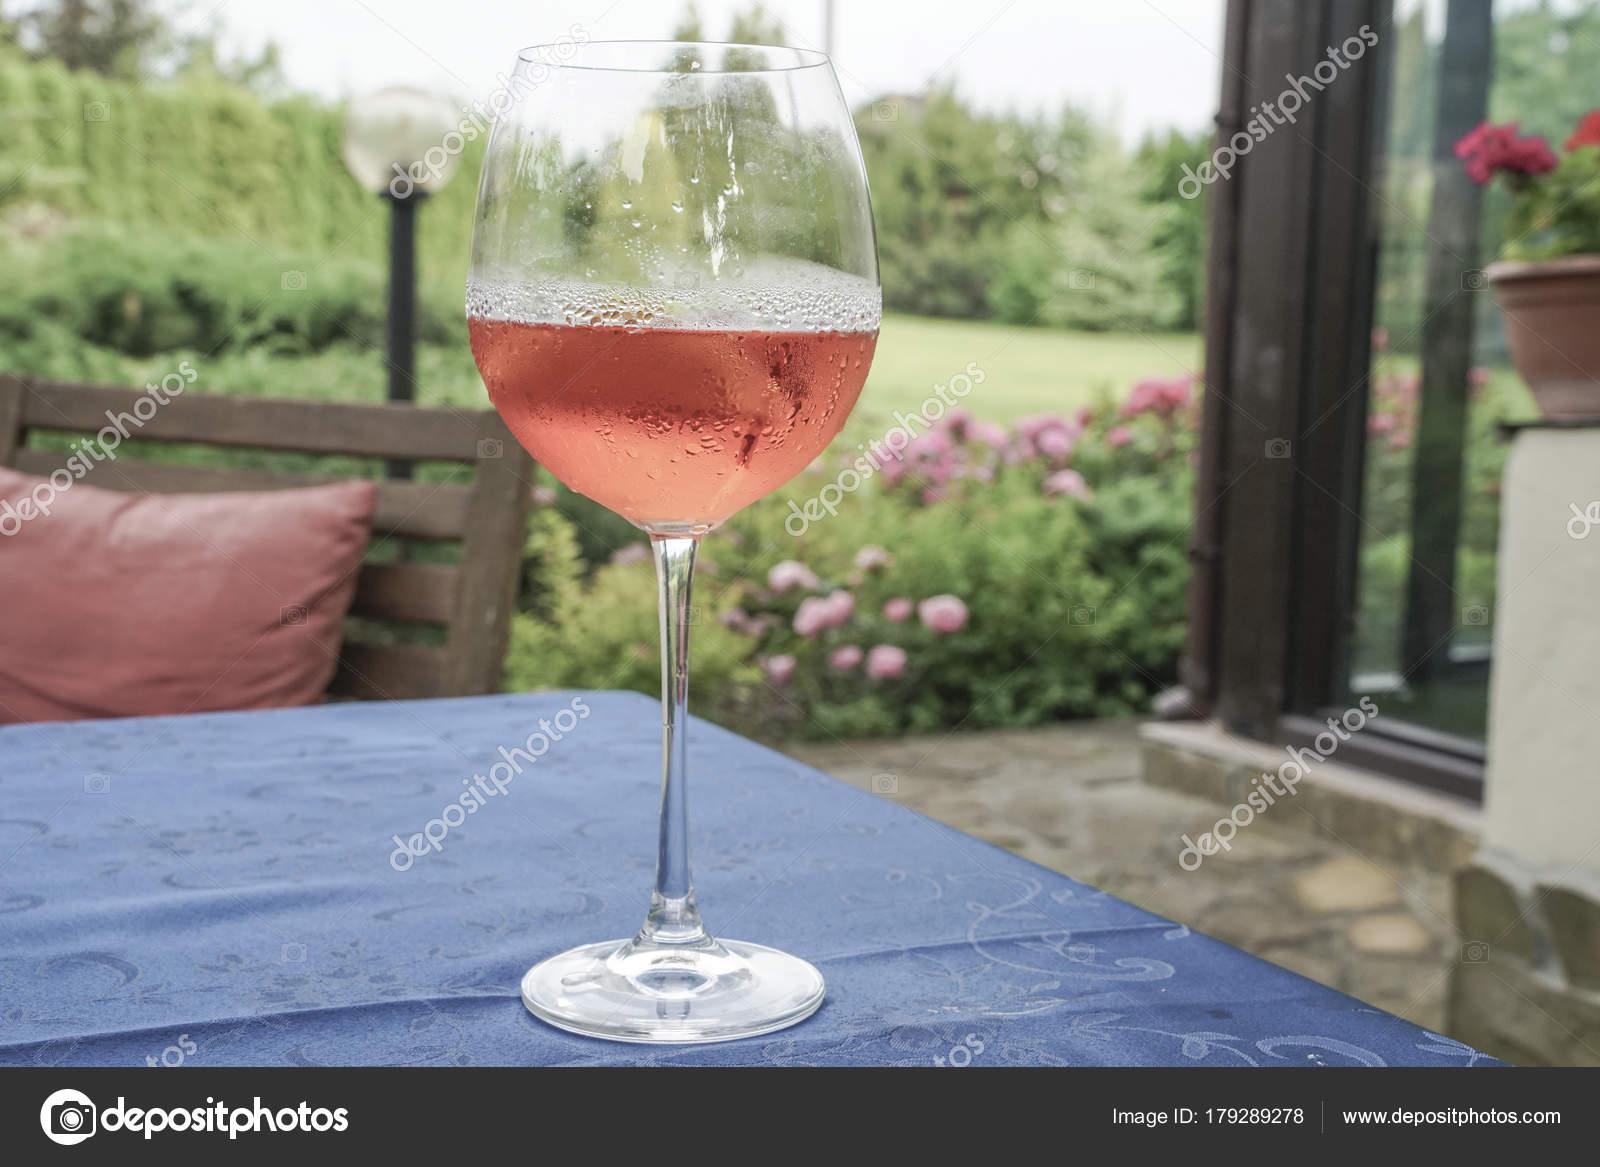 wein im garten, ein glas wein tisch garten sommer — stockfoto © bernanamoglu #179289278, Design ideen